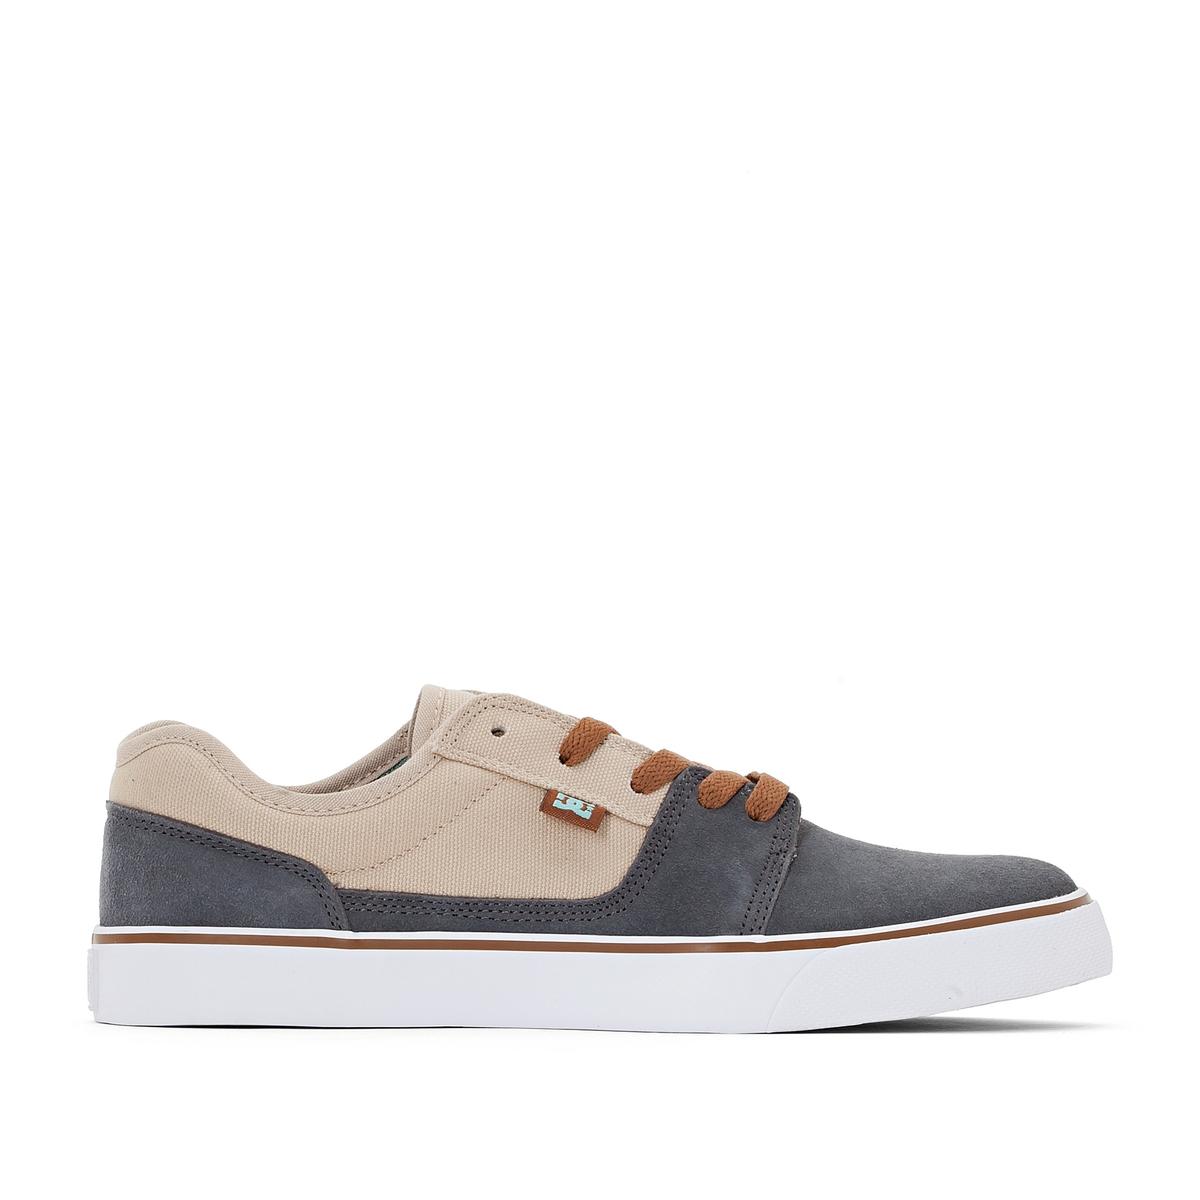 Кеды TONIK M SHOE TS1Подкладка : текстиль.          Стелька : текстиль.         Подошва : каучук.         Форма каблука : Плоский каблук         Носок : Закругленный.          Застежка : шнуровка.<br><br>Цвет: серый/бежевый